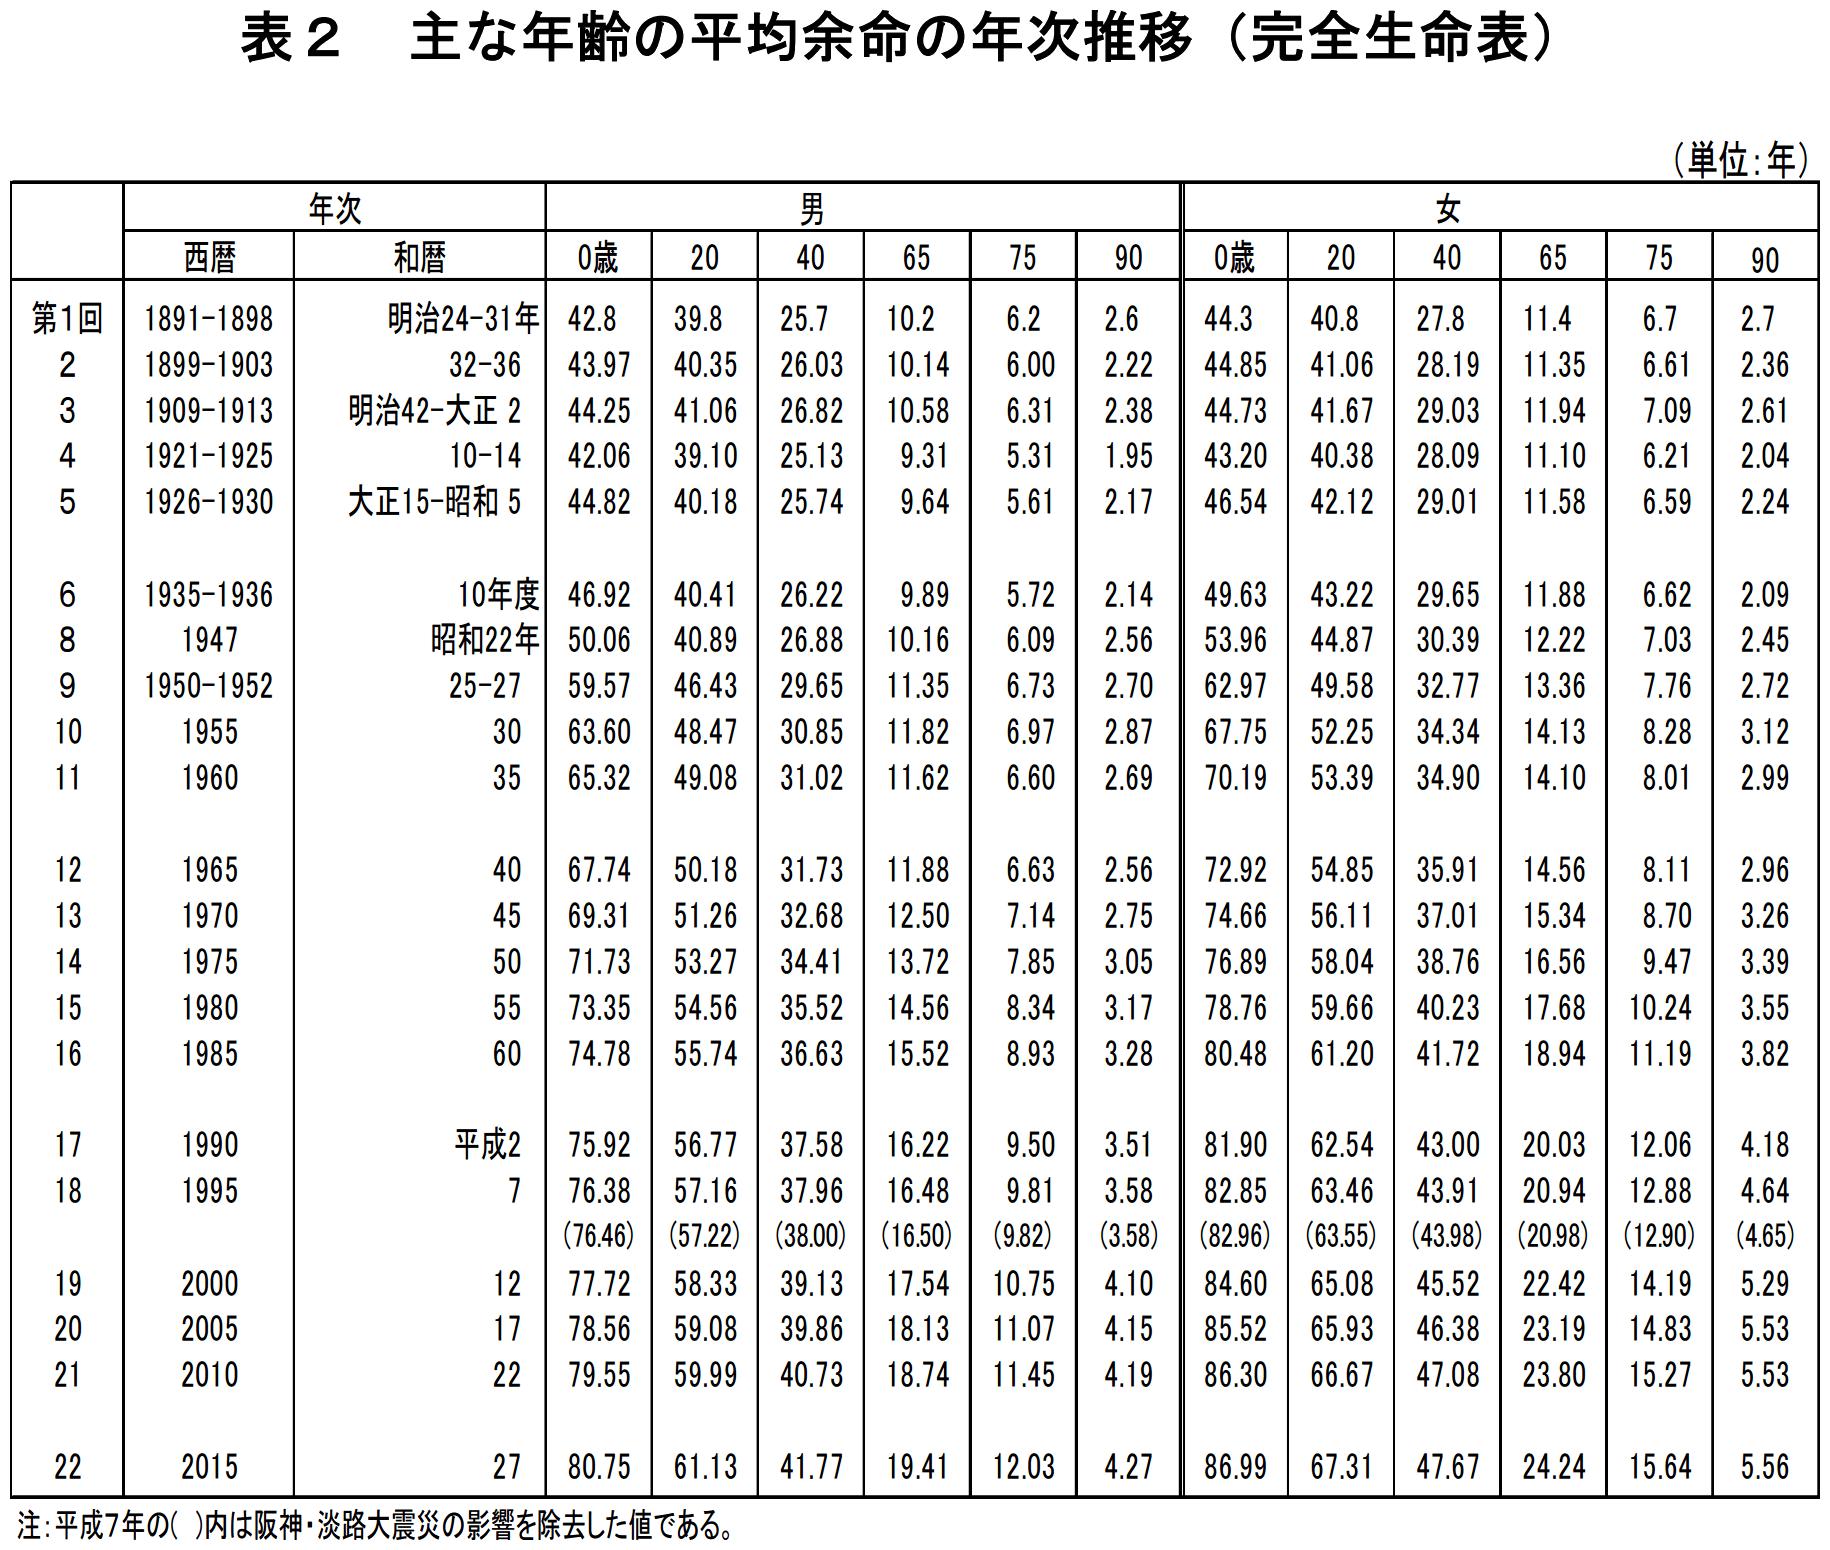 主な年齢の平均余命の年次推移(完全生命表)